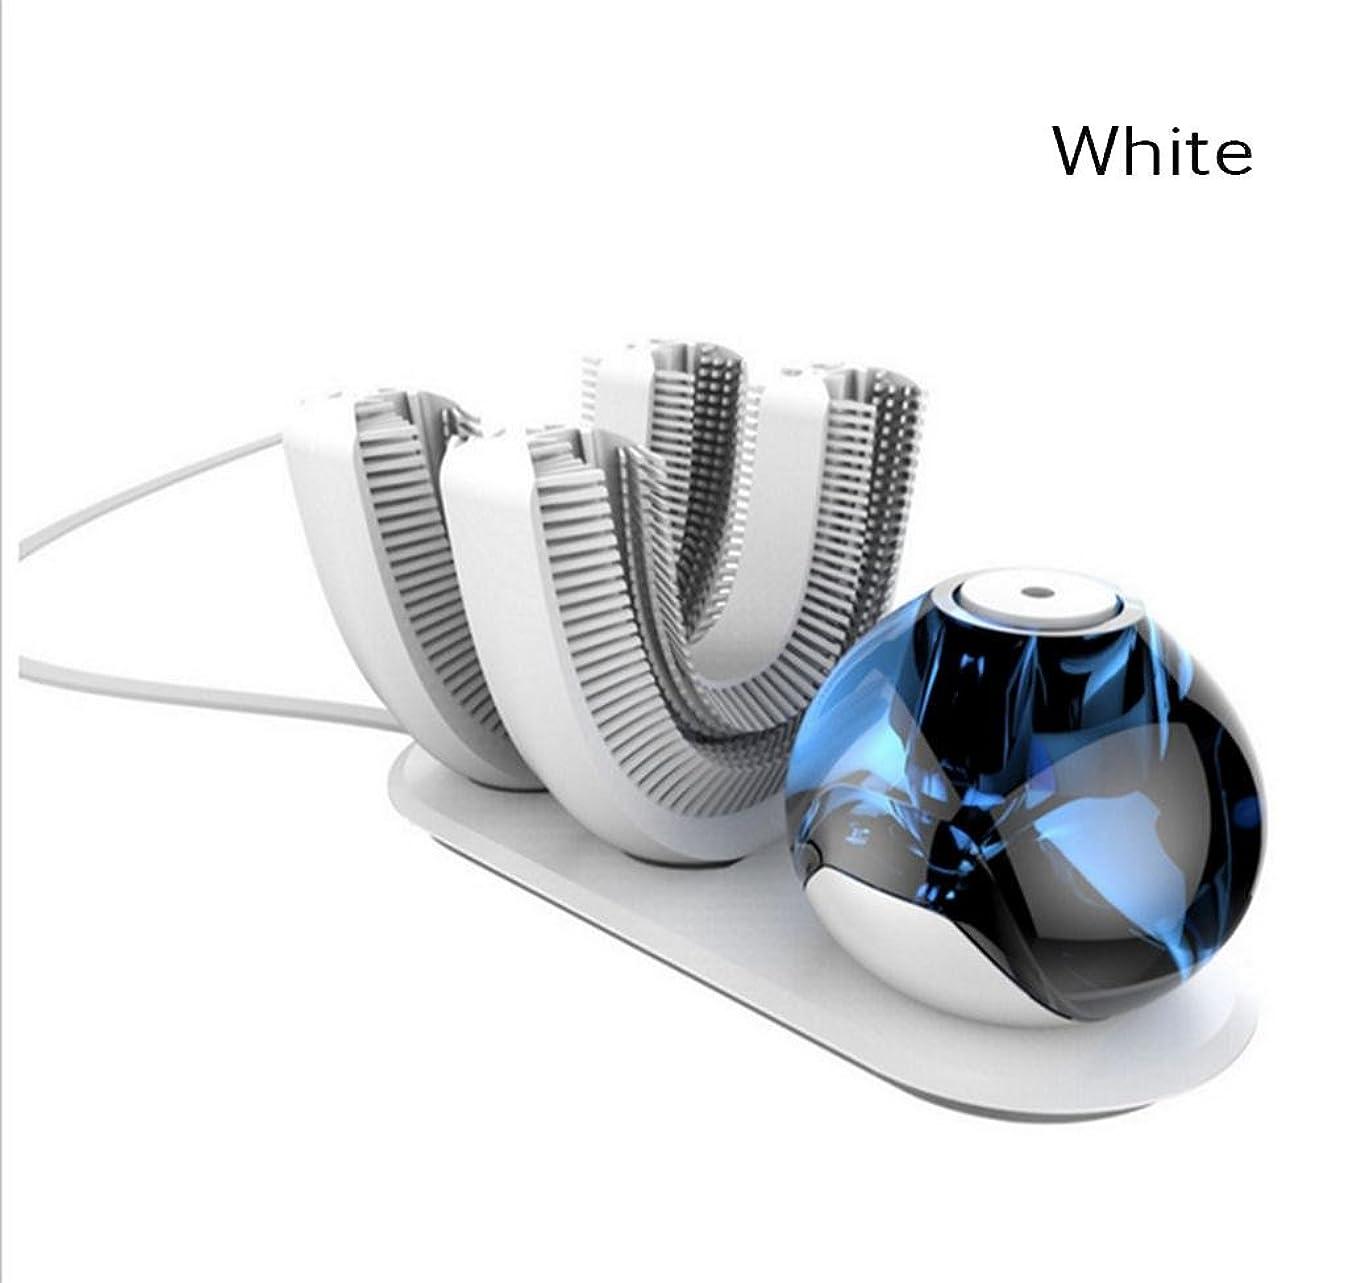 強化乳白色従順なNatood 歯ブラシのヘッドの2、怠惰なKibasuriによる自動歯ブラシは、 電気怠惰な電動歯ブラシ用ワイヤレス充電式360°自動歯ブラシを設計され、白 白